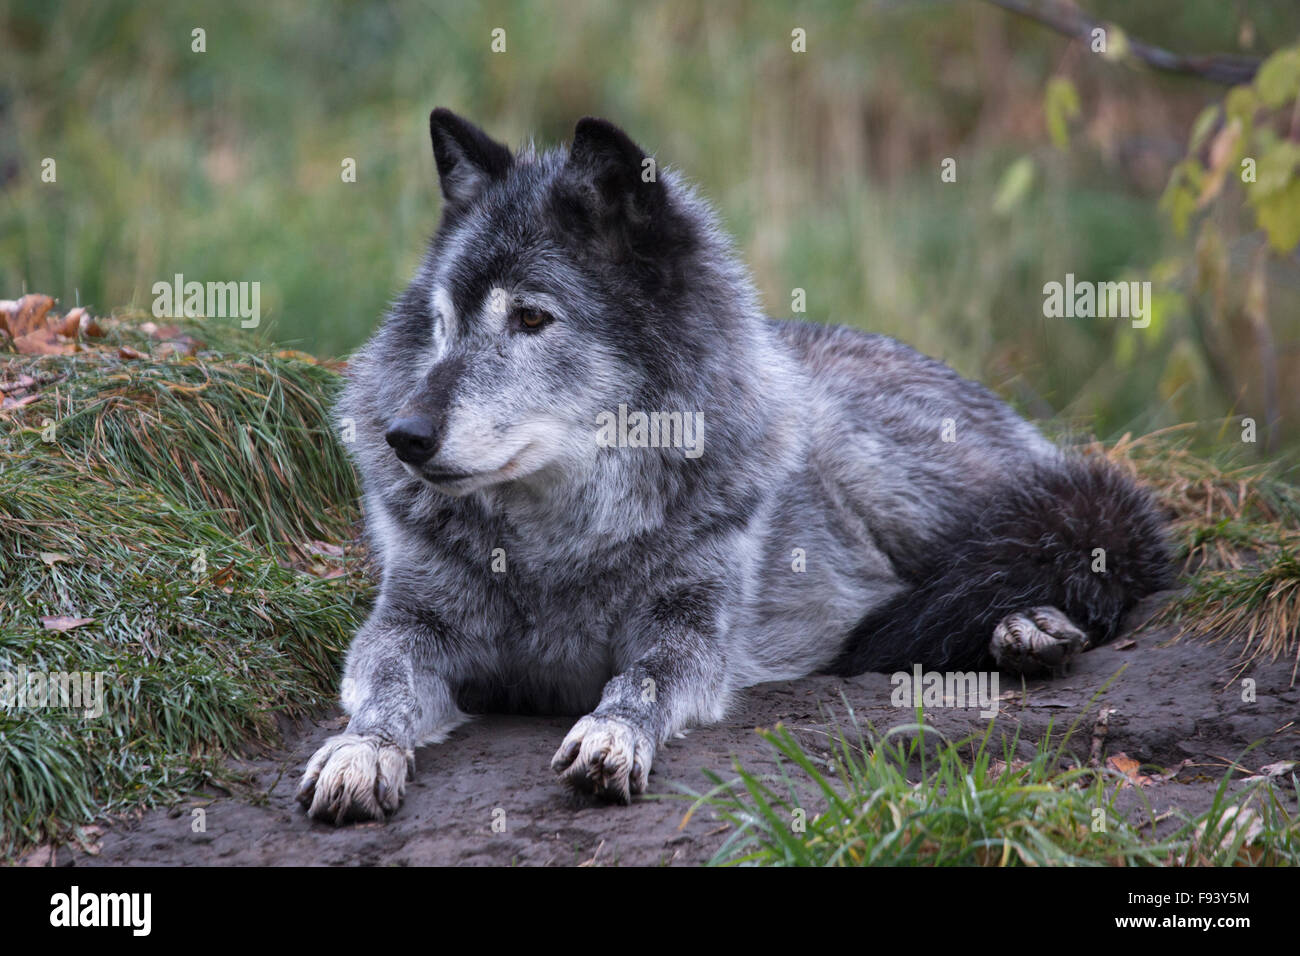 Lupo (Canis lupus) nel selvaggio canadese presentano zoo Immagini Stock